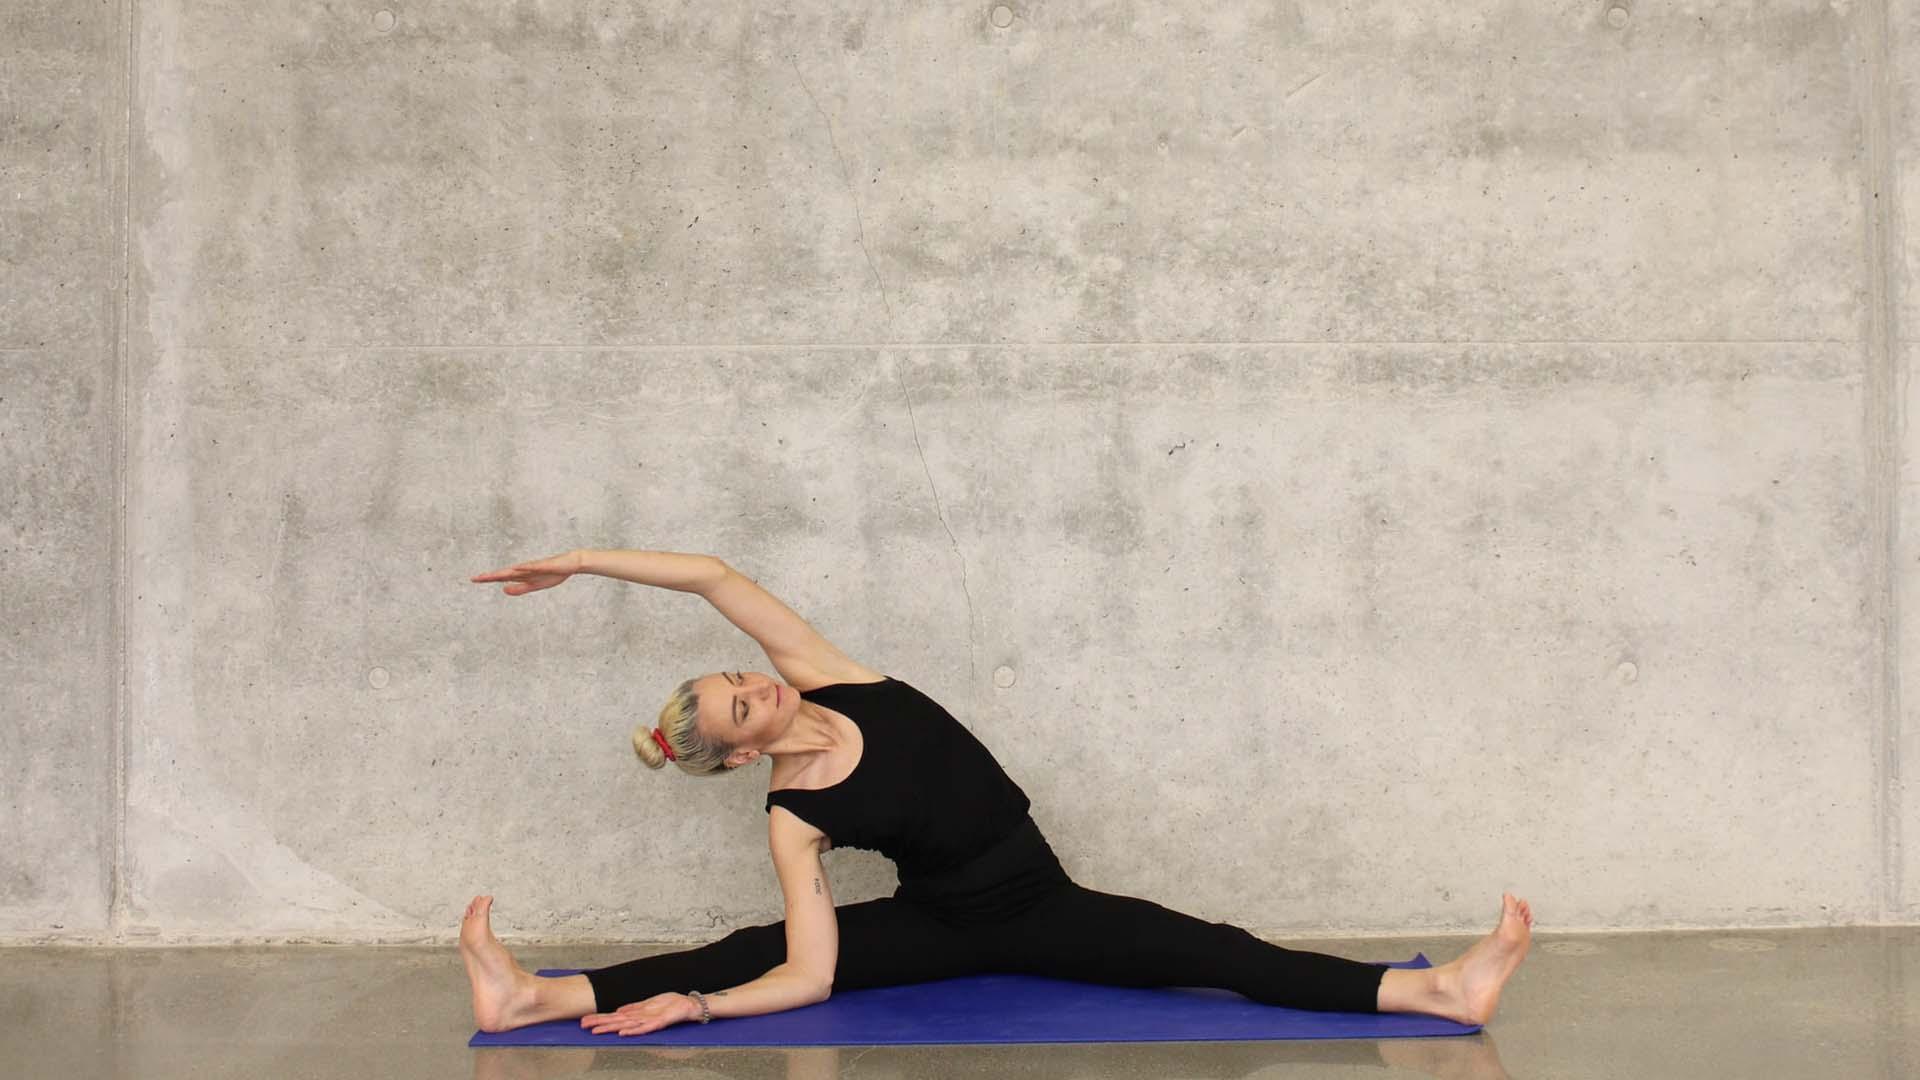 Esercizi di stretching e il riscaldamento per la danza